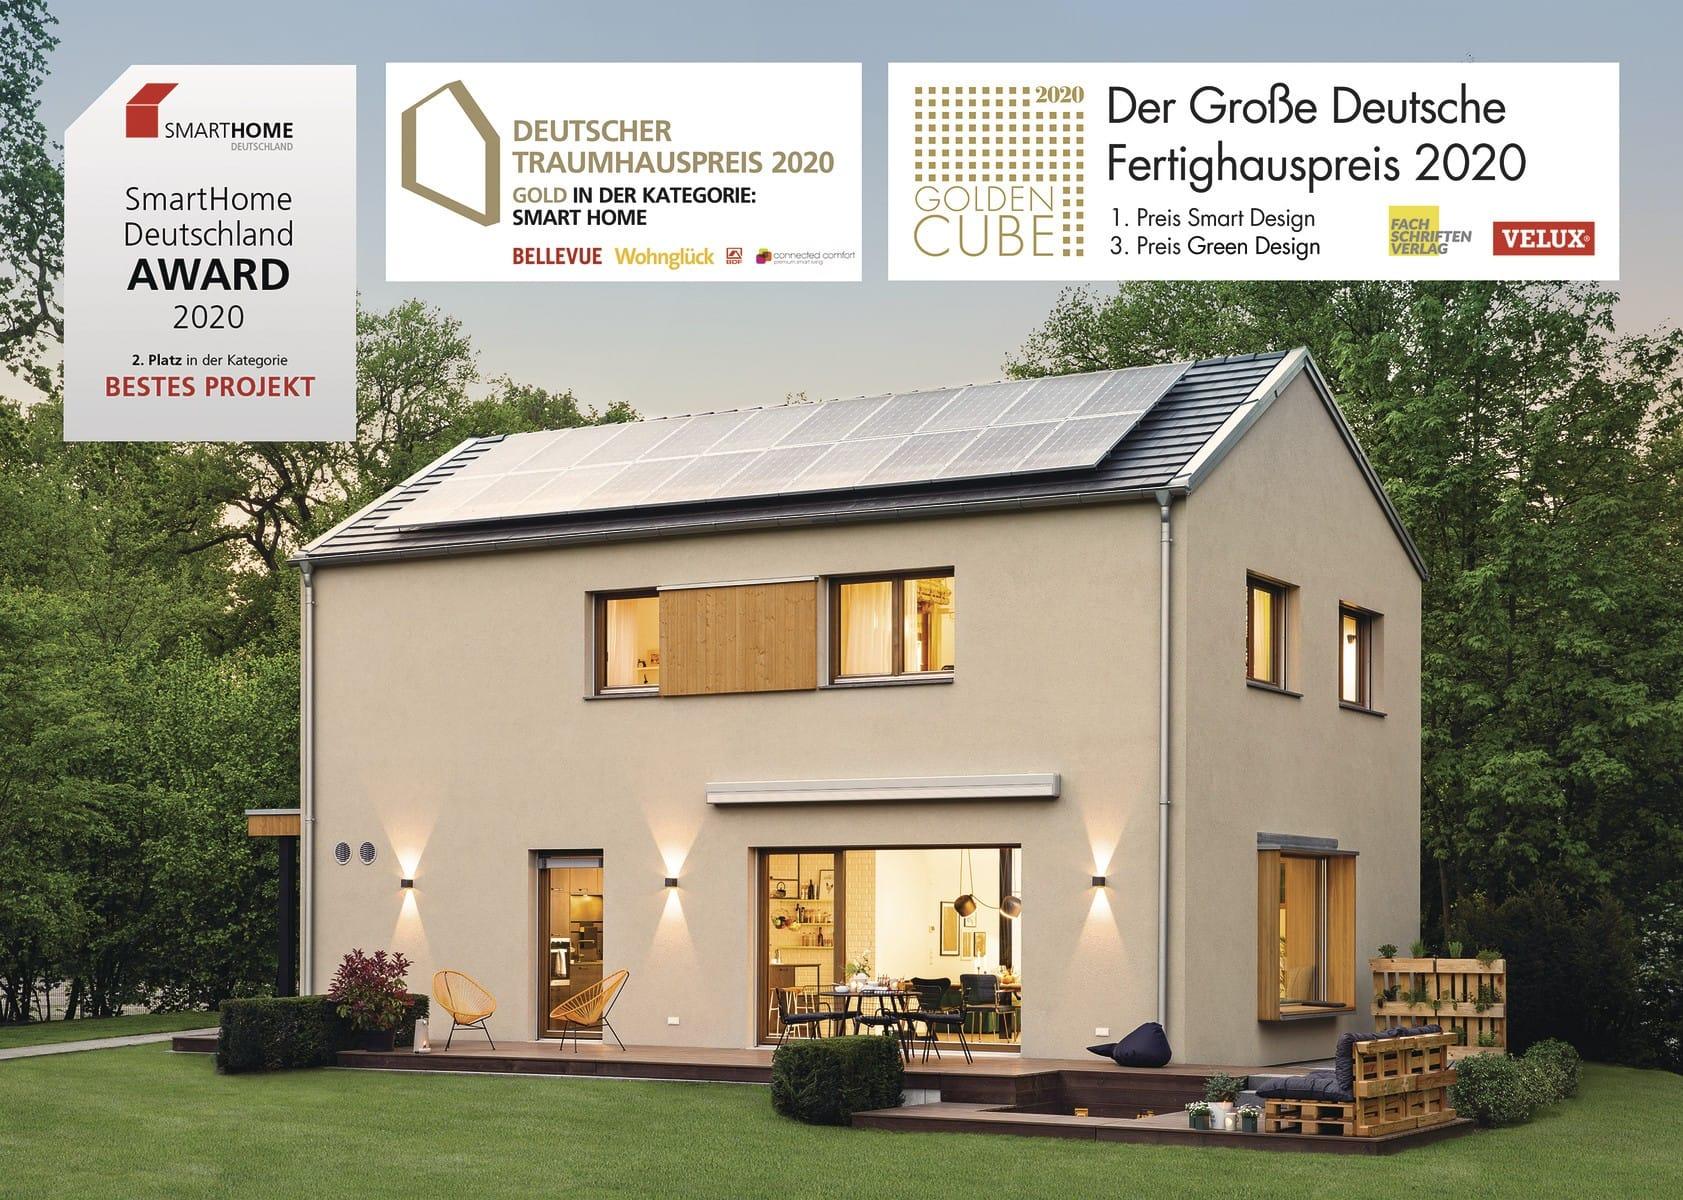 Einfamilienhaus modern mit Satteldach ohne Dachüberstand bauen - Haus Design Ideen Fertighaus Sunshine 220 WeberHaus - HausbauDirekt.de